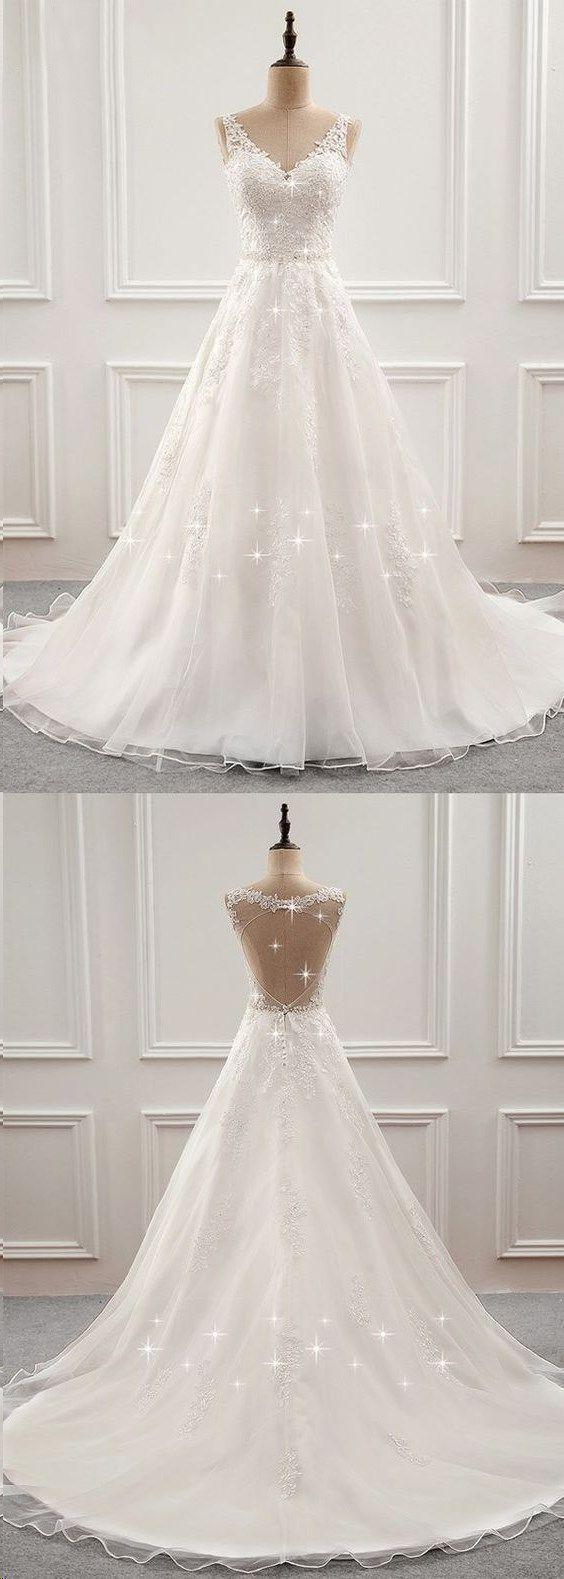 Terrific Pics Bridal Gowns open back Concepts